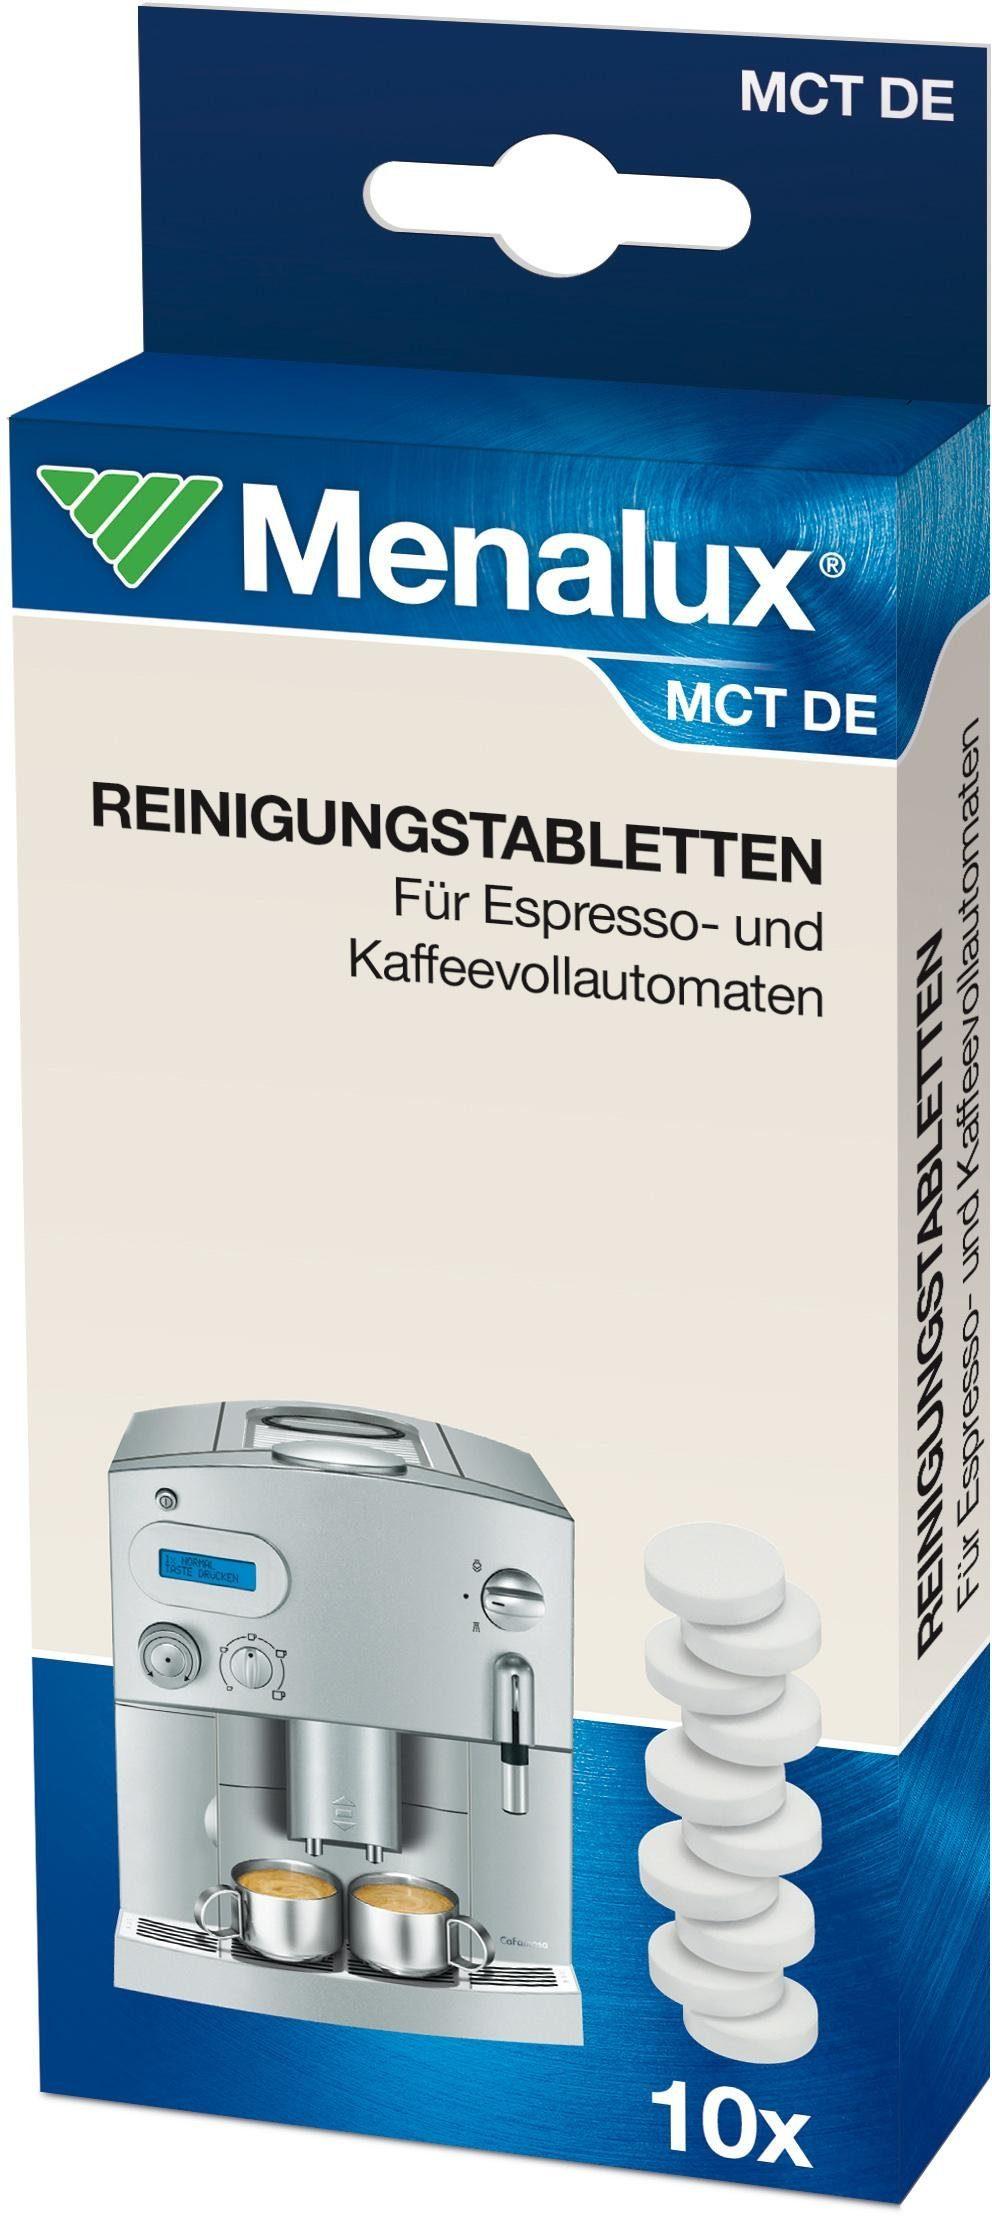 Menalux Reinigungstabletten MCT DE